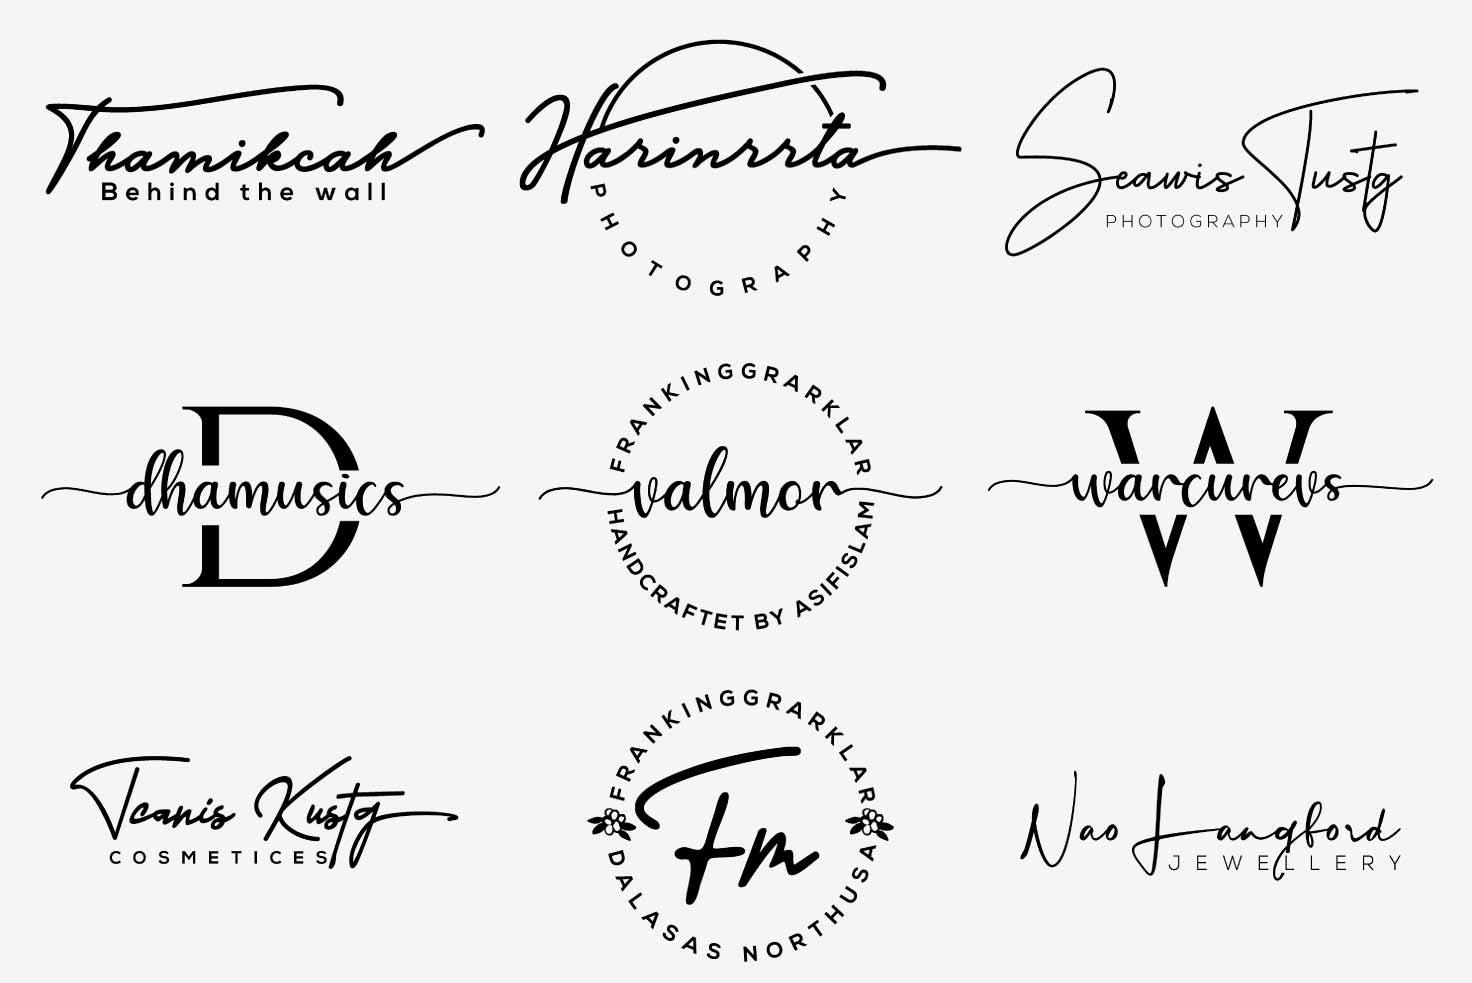 I will design signature logo in 1 day